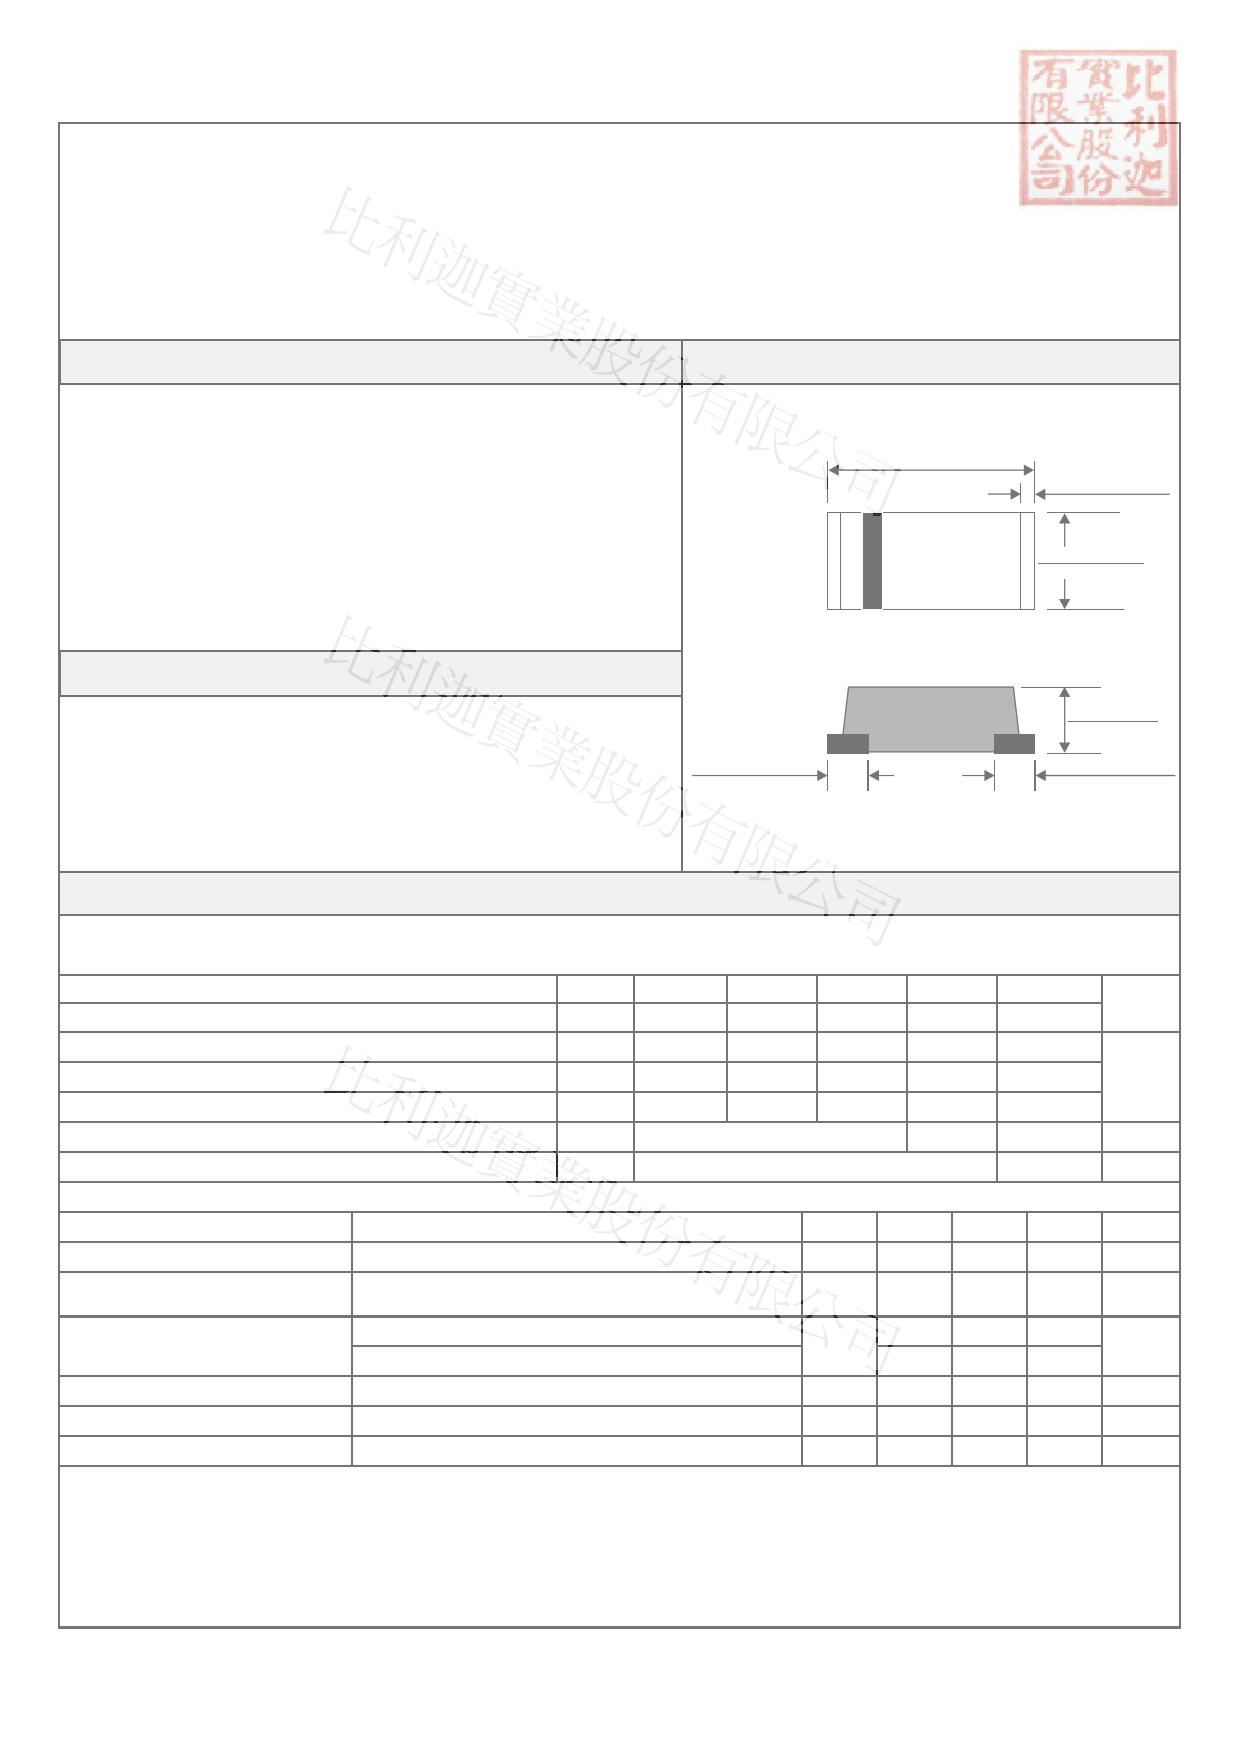 B120WS-F datasheet